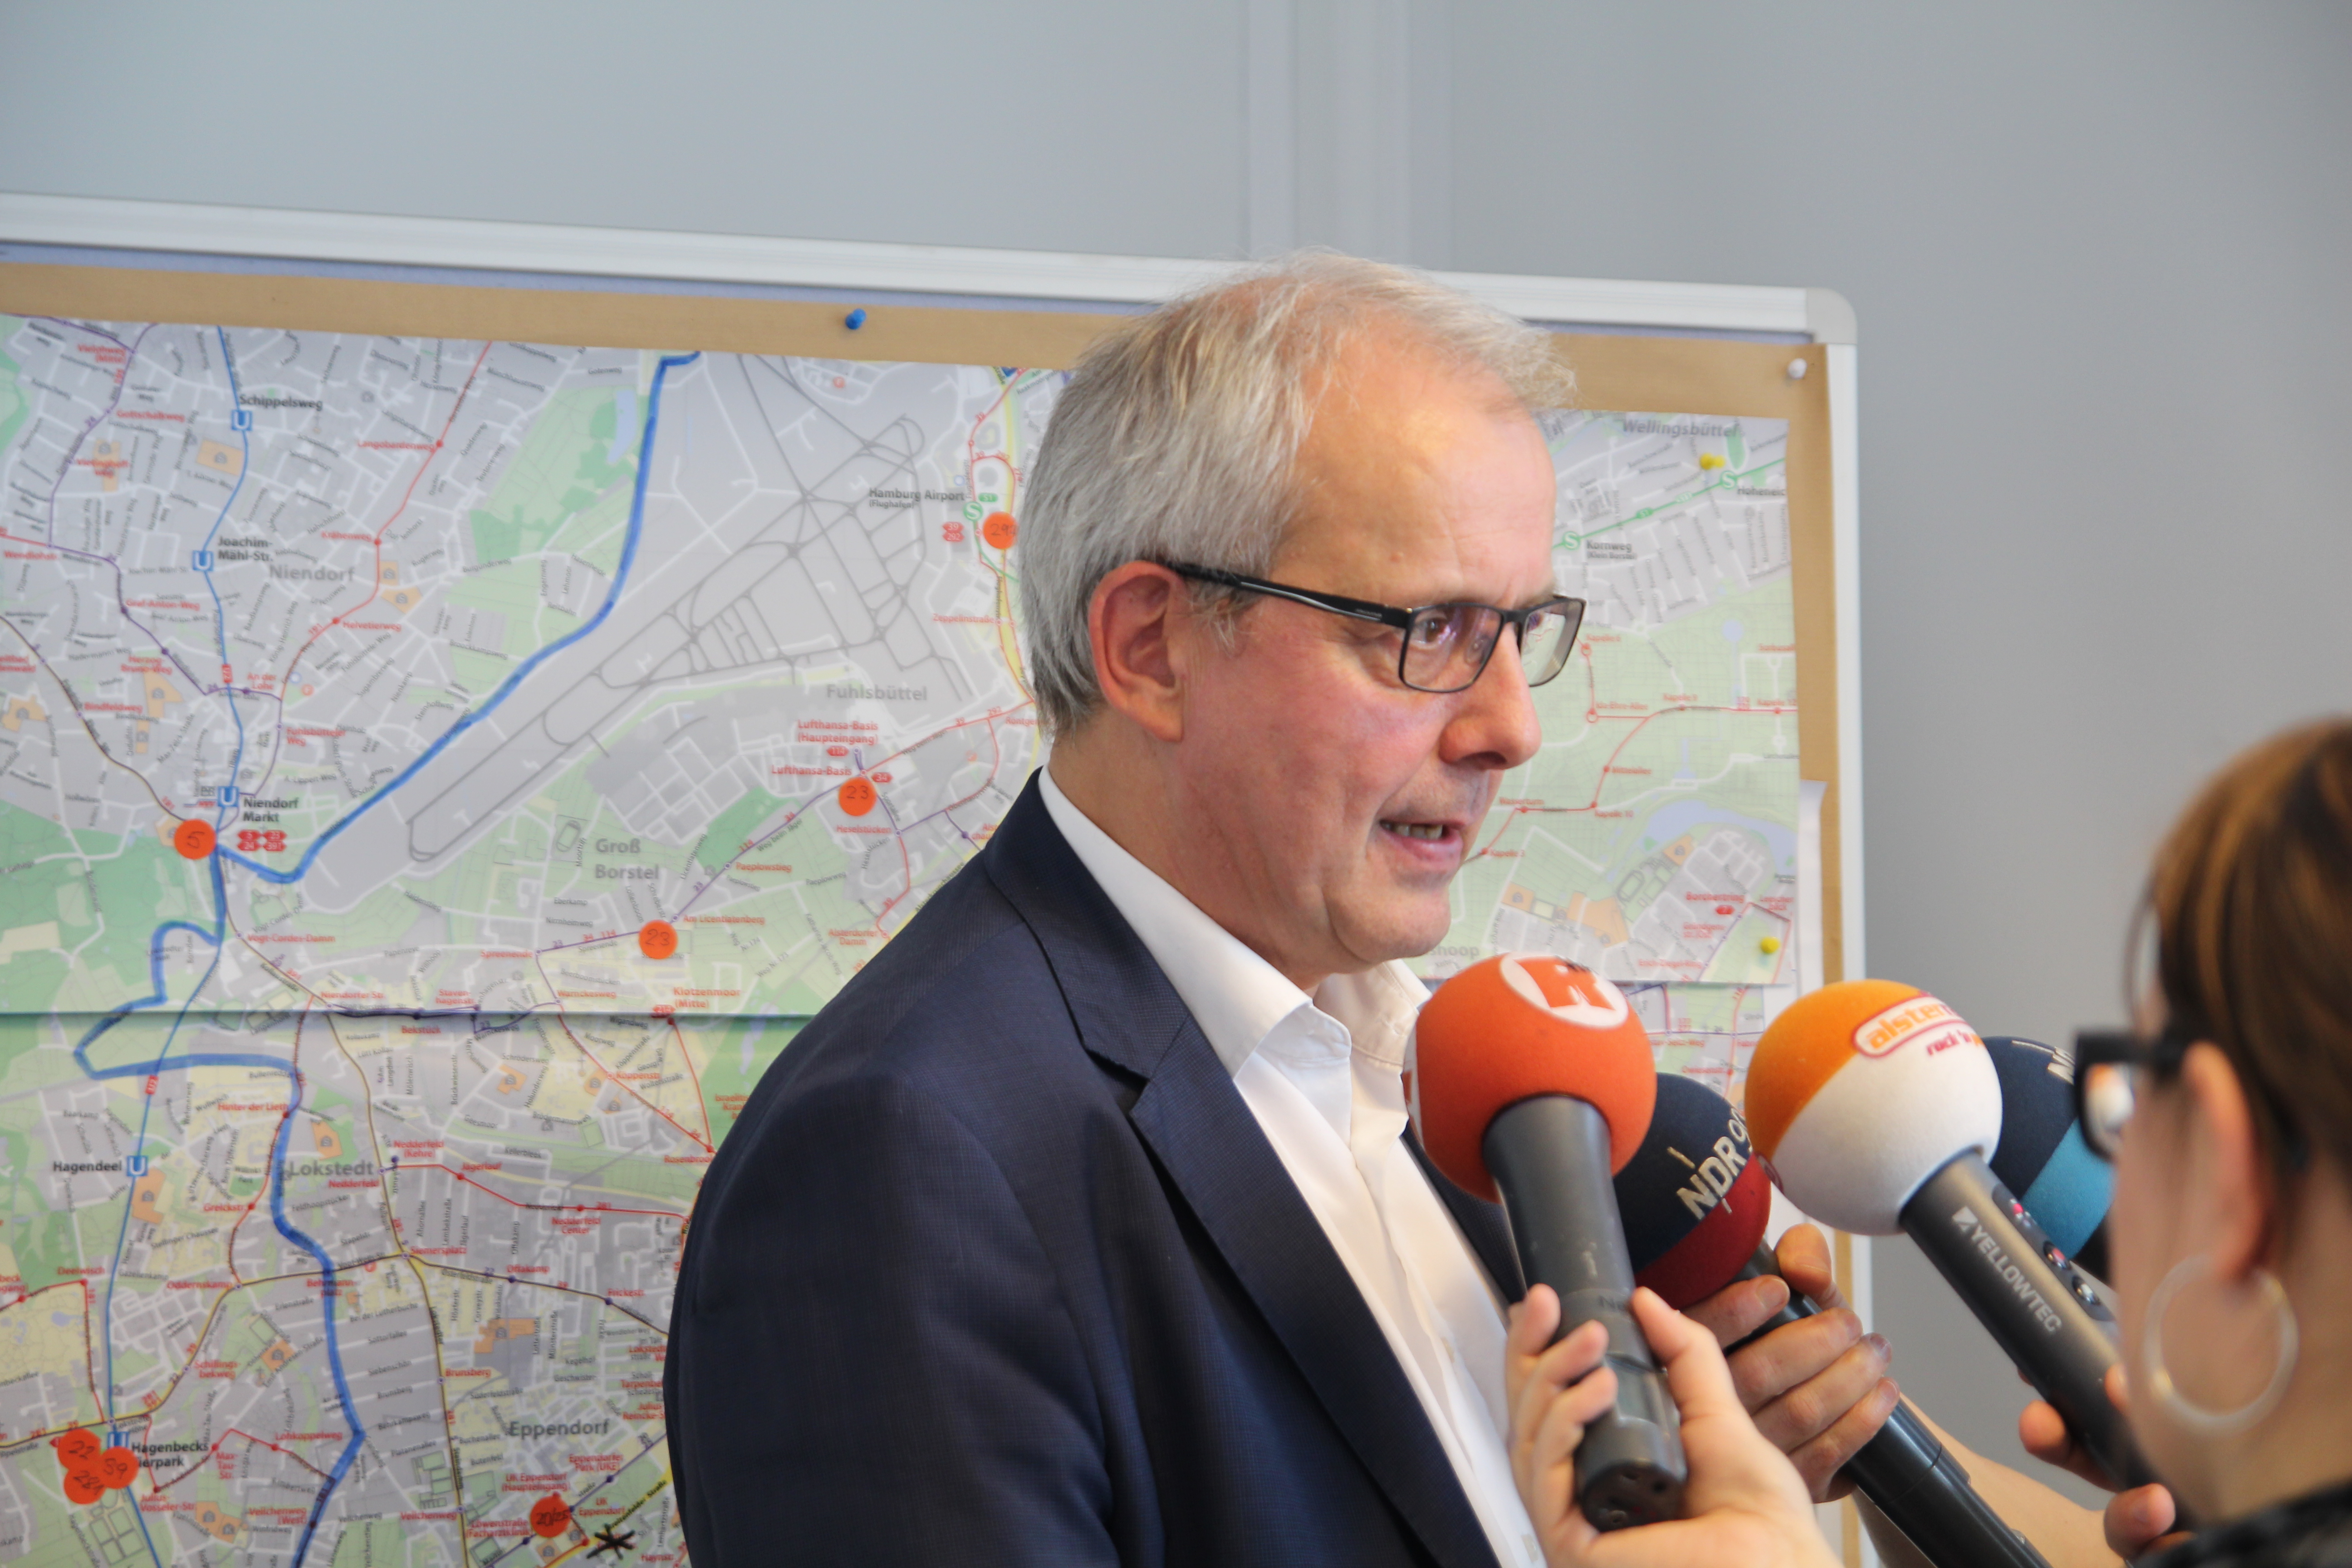 """Hochbahnsprecher Christoph Kreienbaum erläutert das HVV-Konzept. """"Jeder Fahrgast wird an sein Ziel kommen."""" Foto: Catalina Langer"""